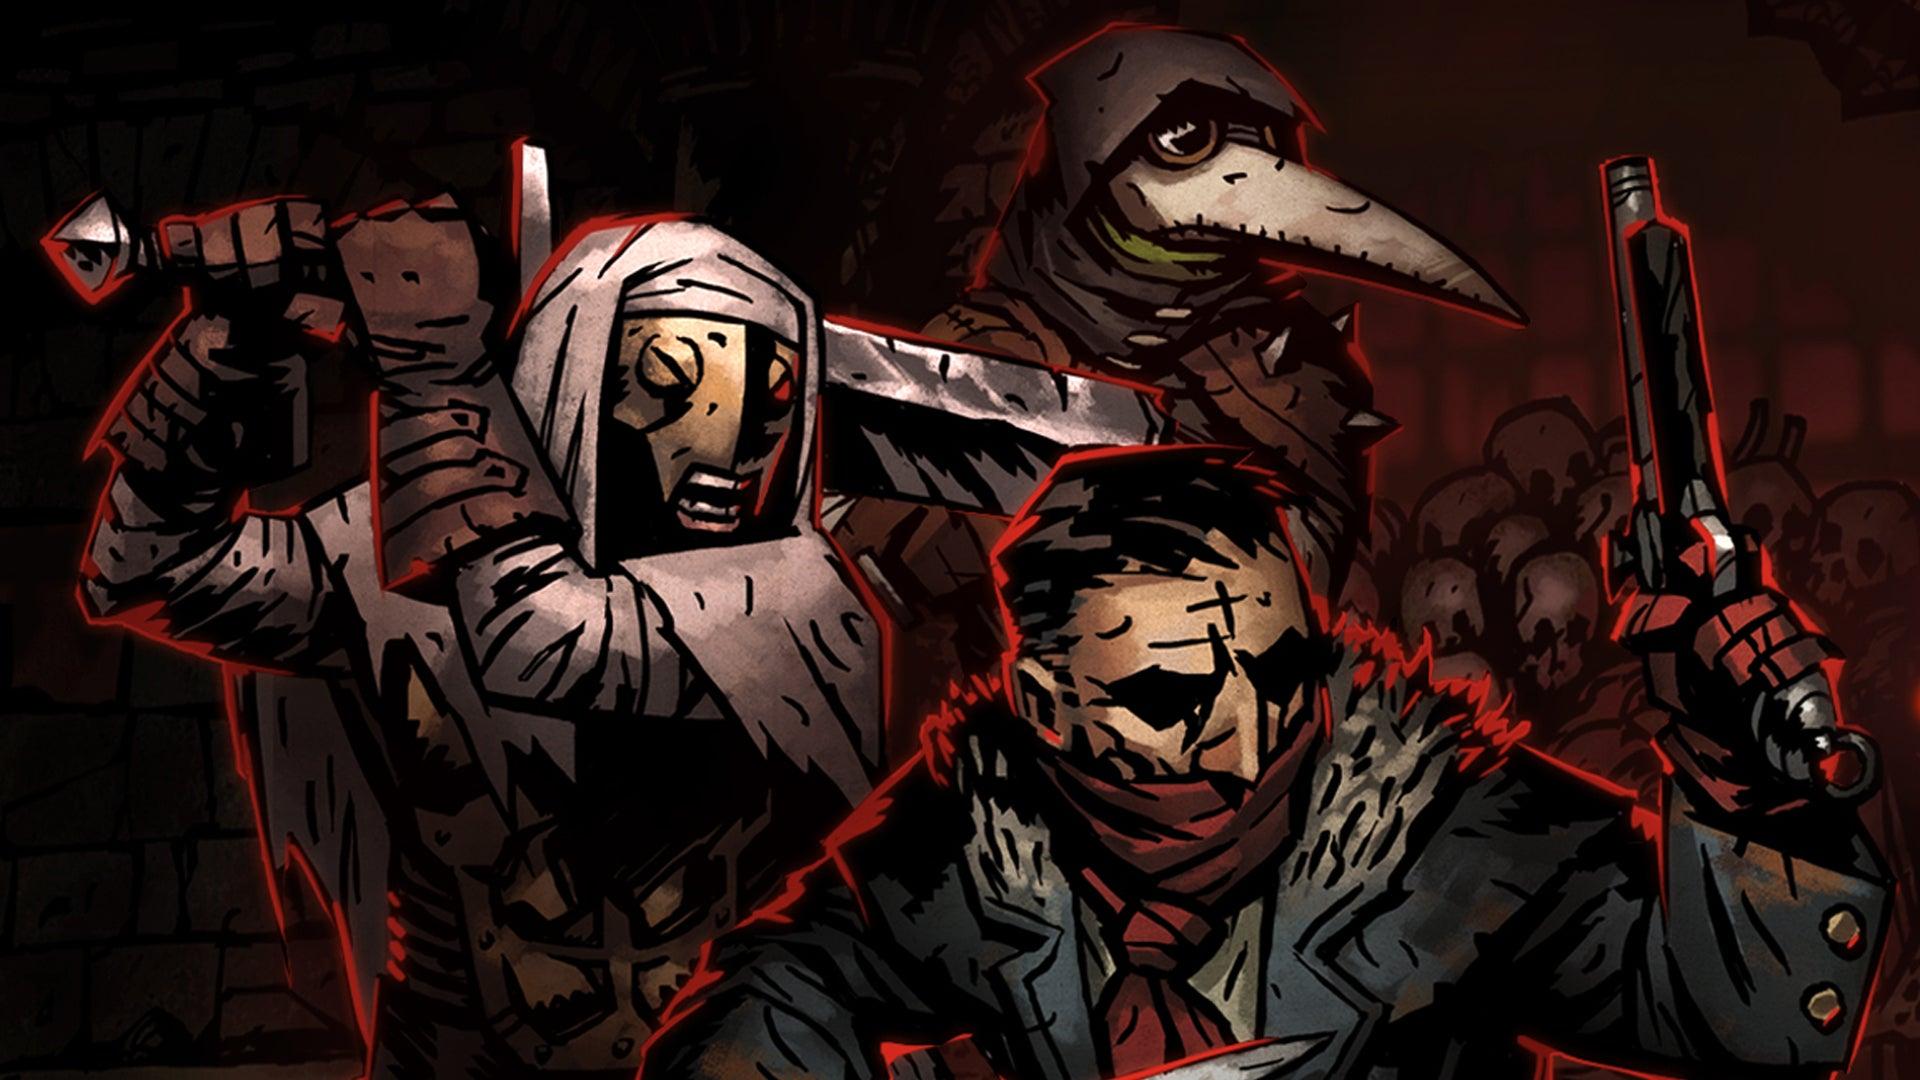 Darkest Dungeon video game artwork